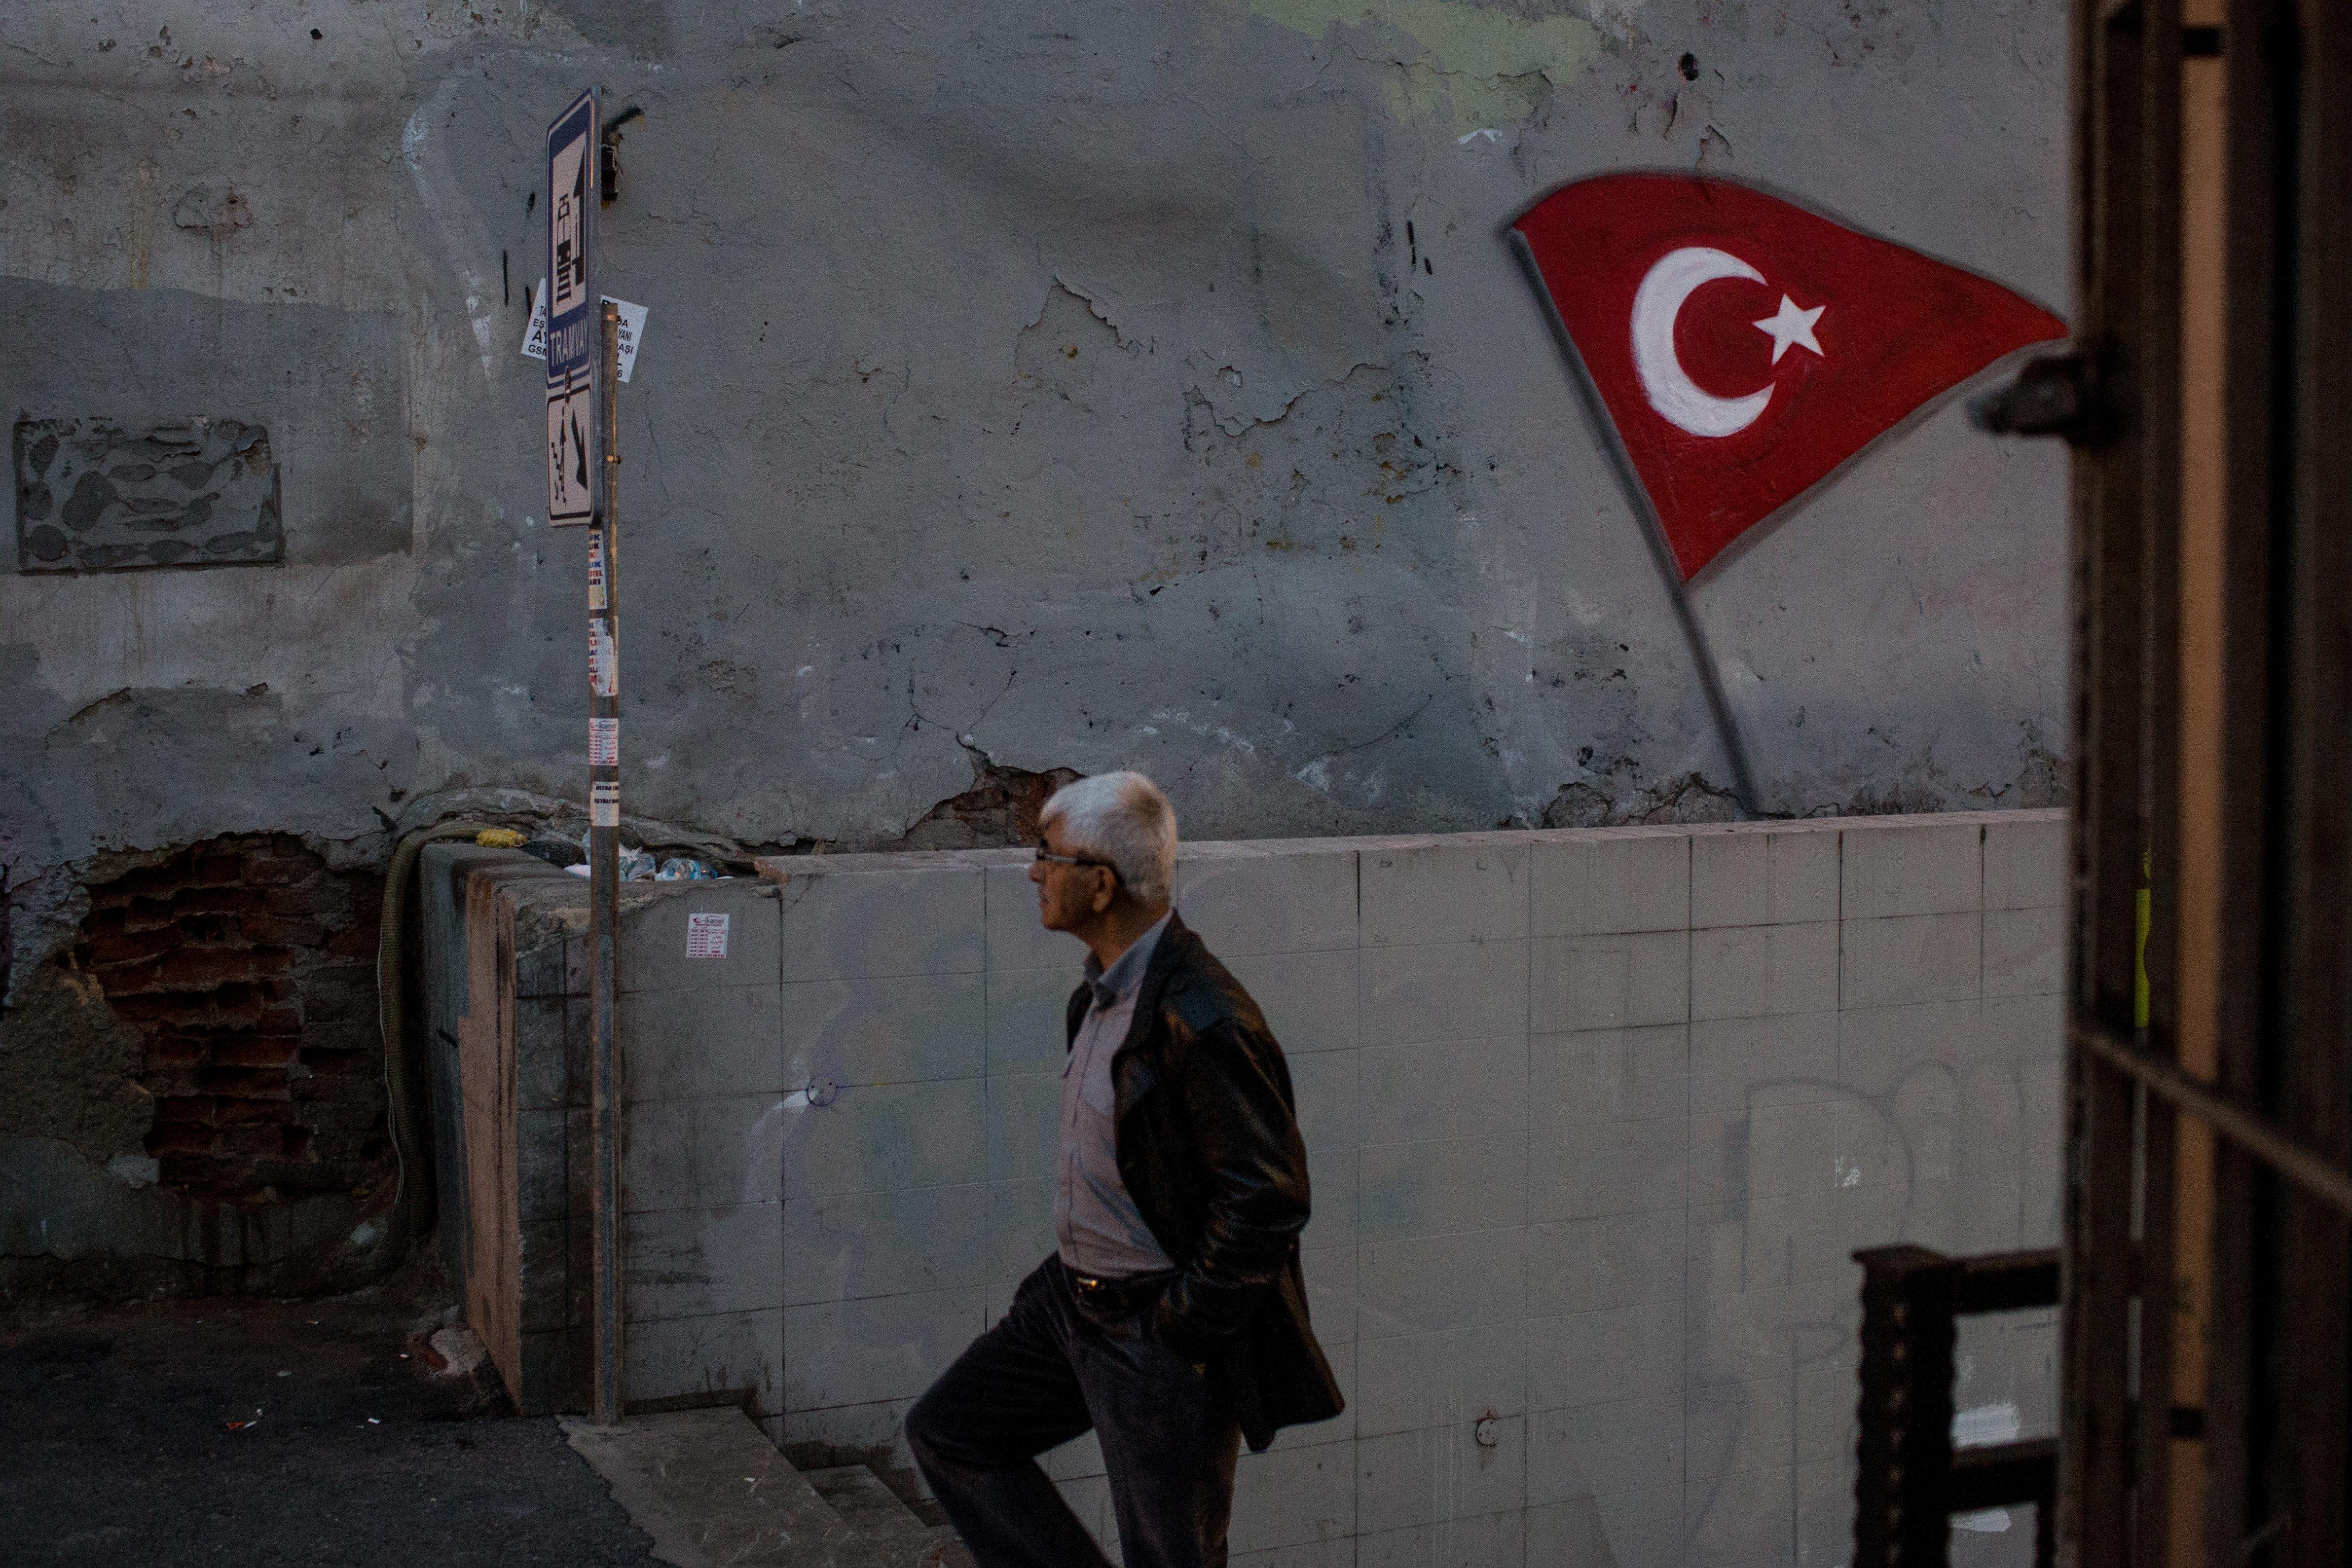 «Ένα παγερό κλίμα φόβου εξαπλώνεται στην τουρκική κοινωνία». Η έκθεση της Διεθνούς Αμνηστίας για την Τουρκία του Ερντογάν